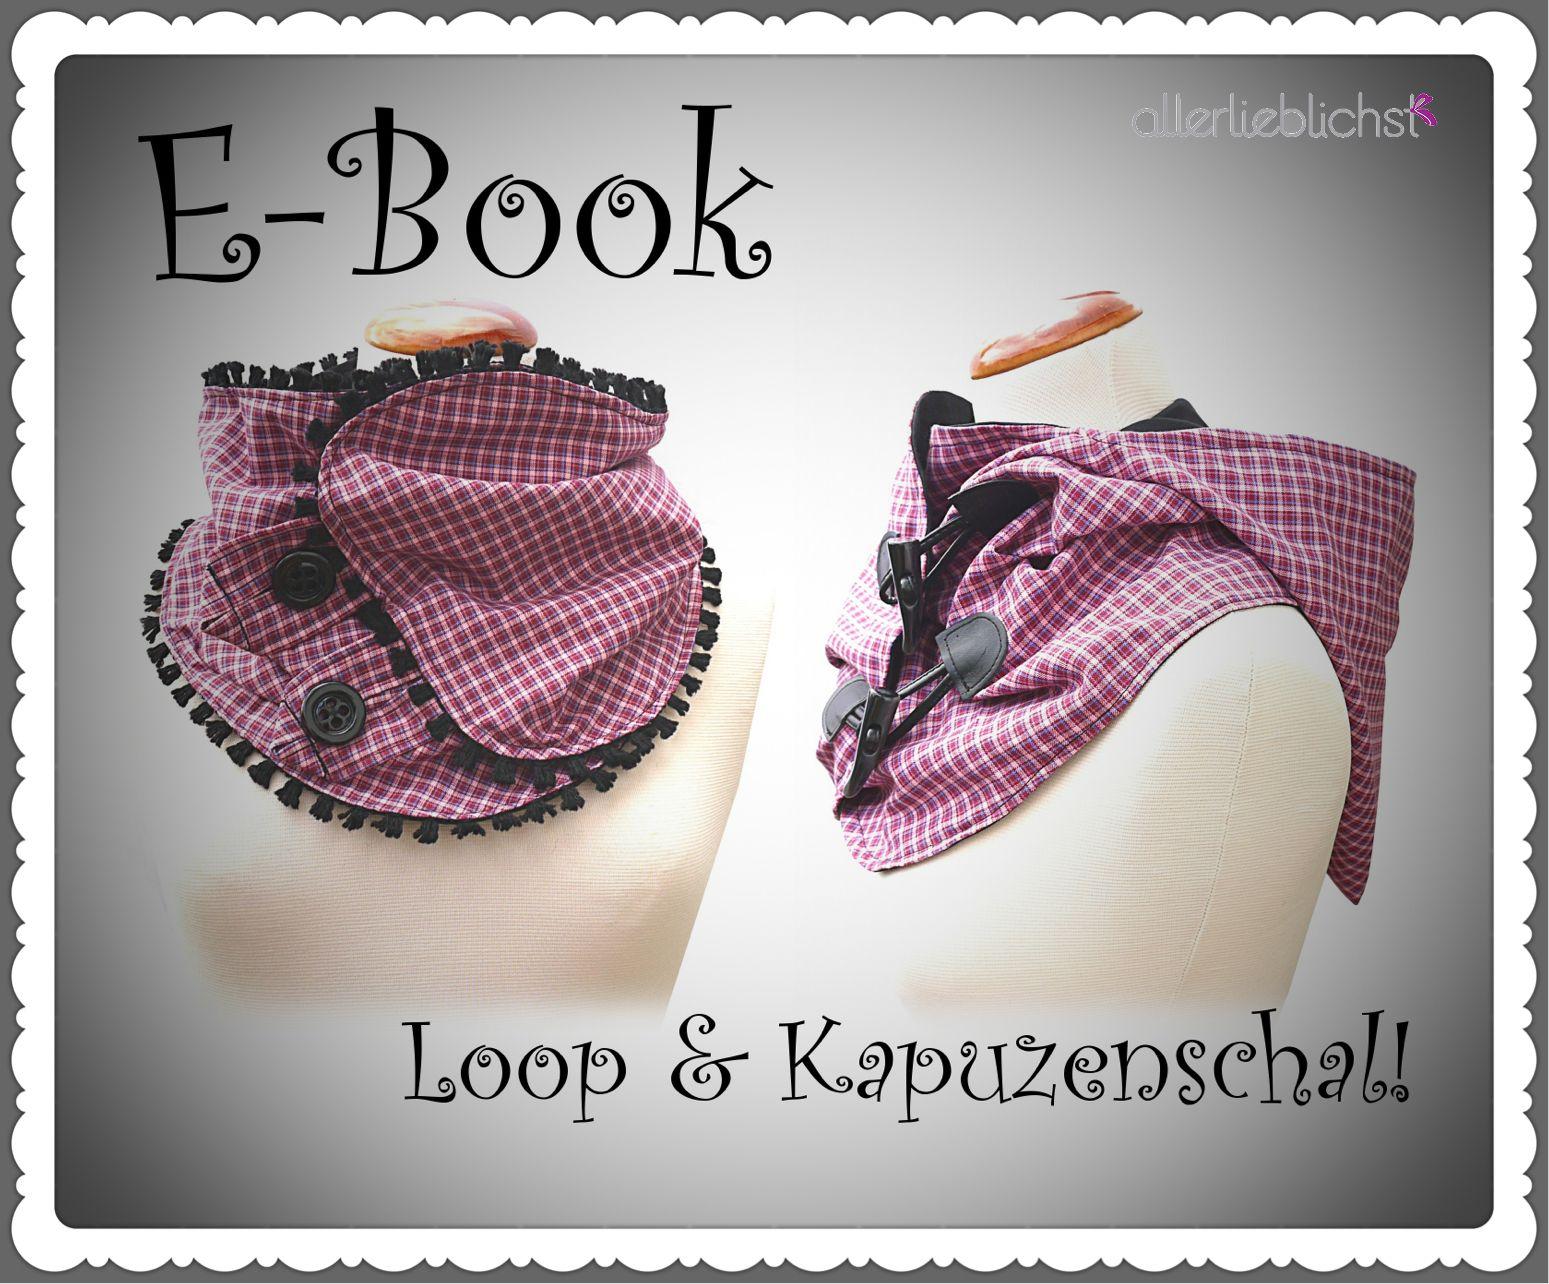 E-Book Loop und Kapuzenschal by #allerlieblichst